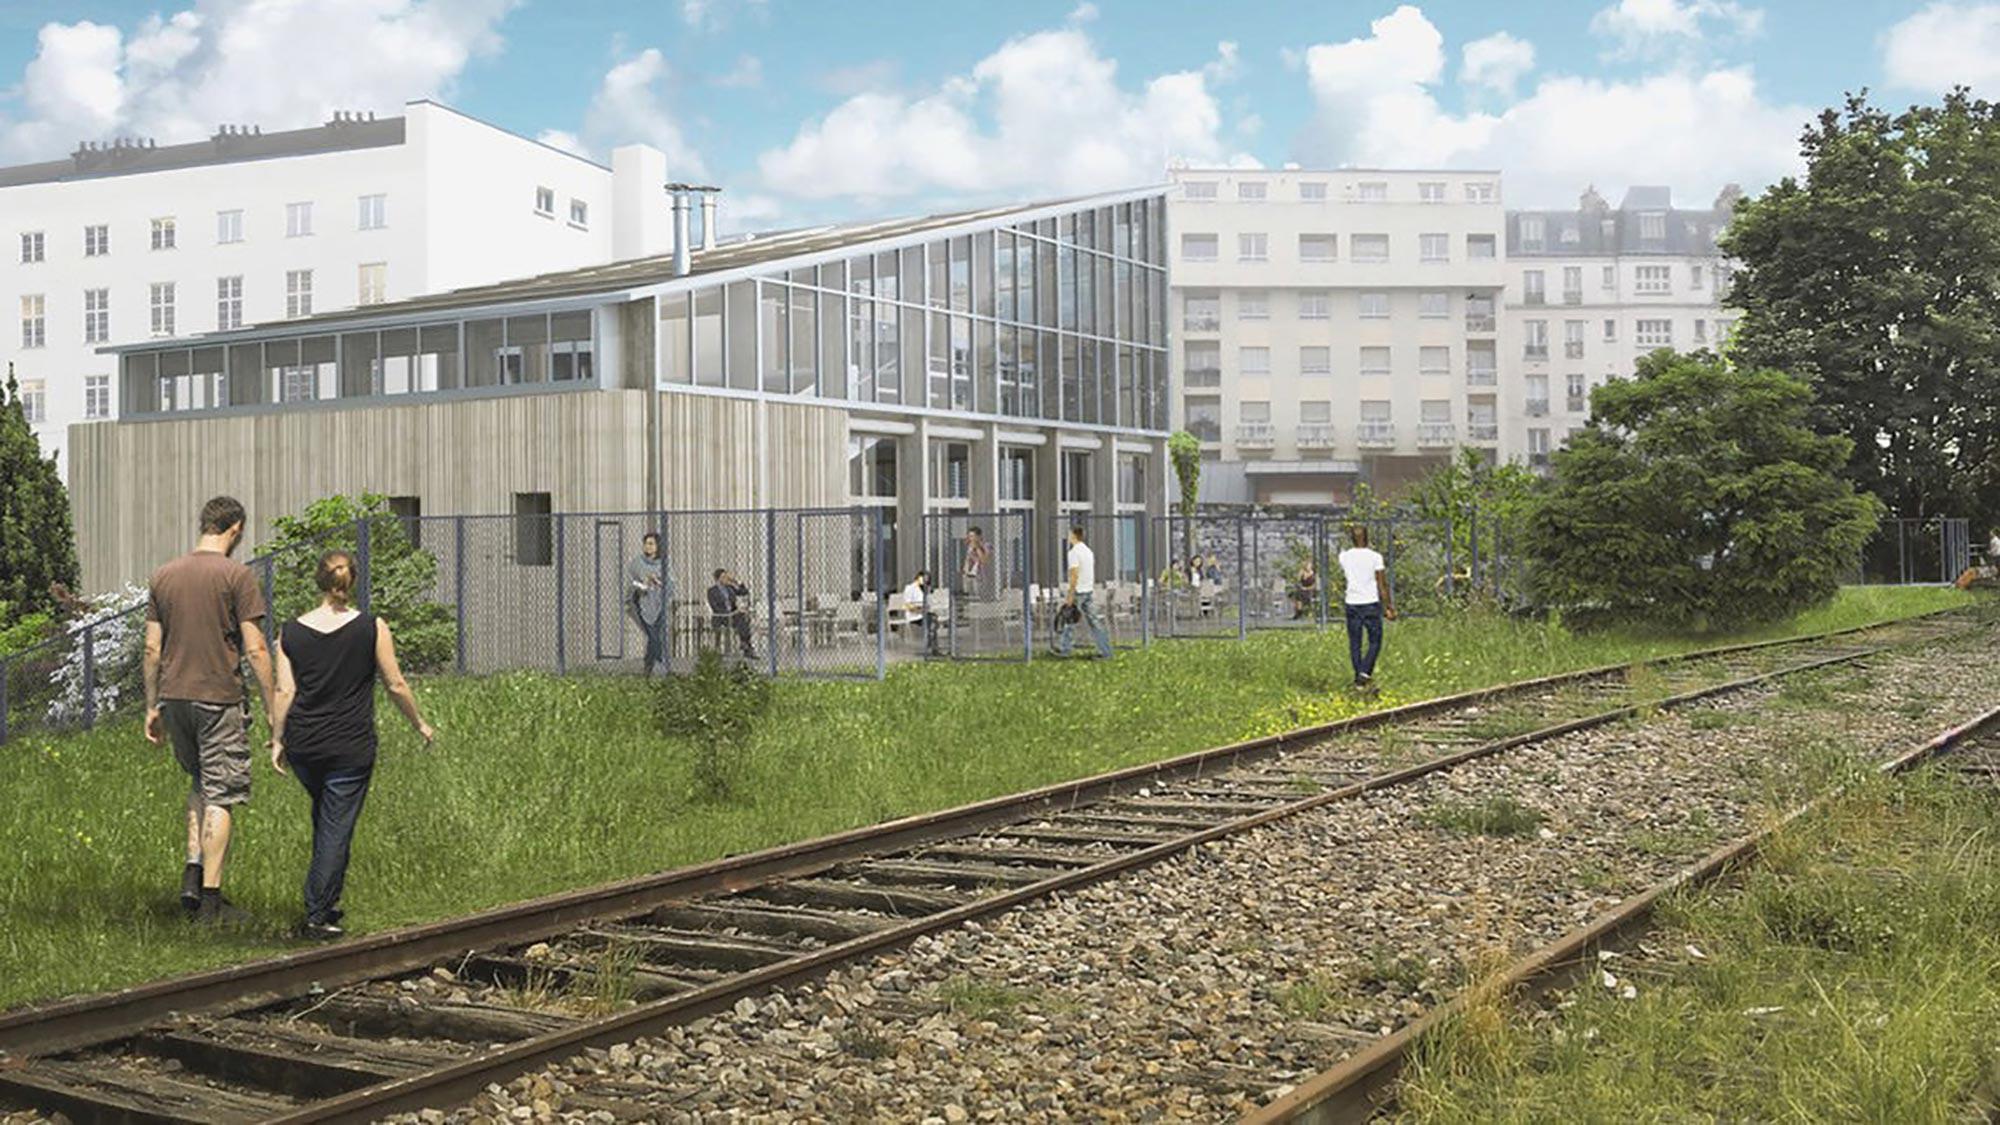 3D Ferme du Rail